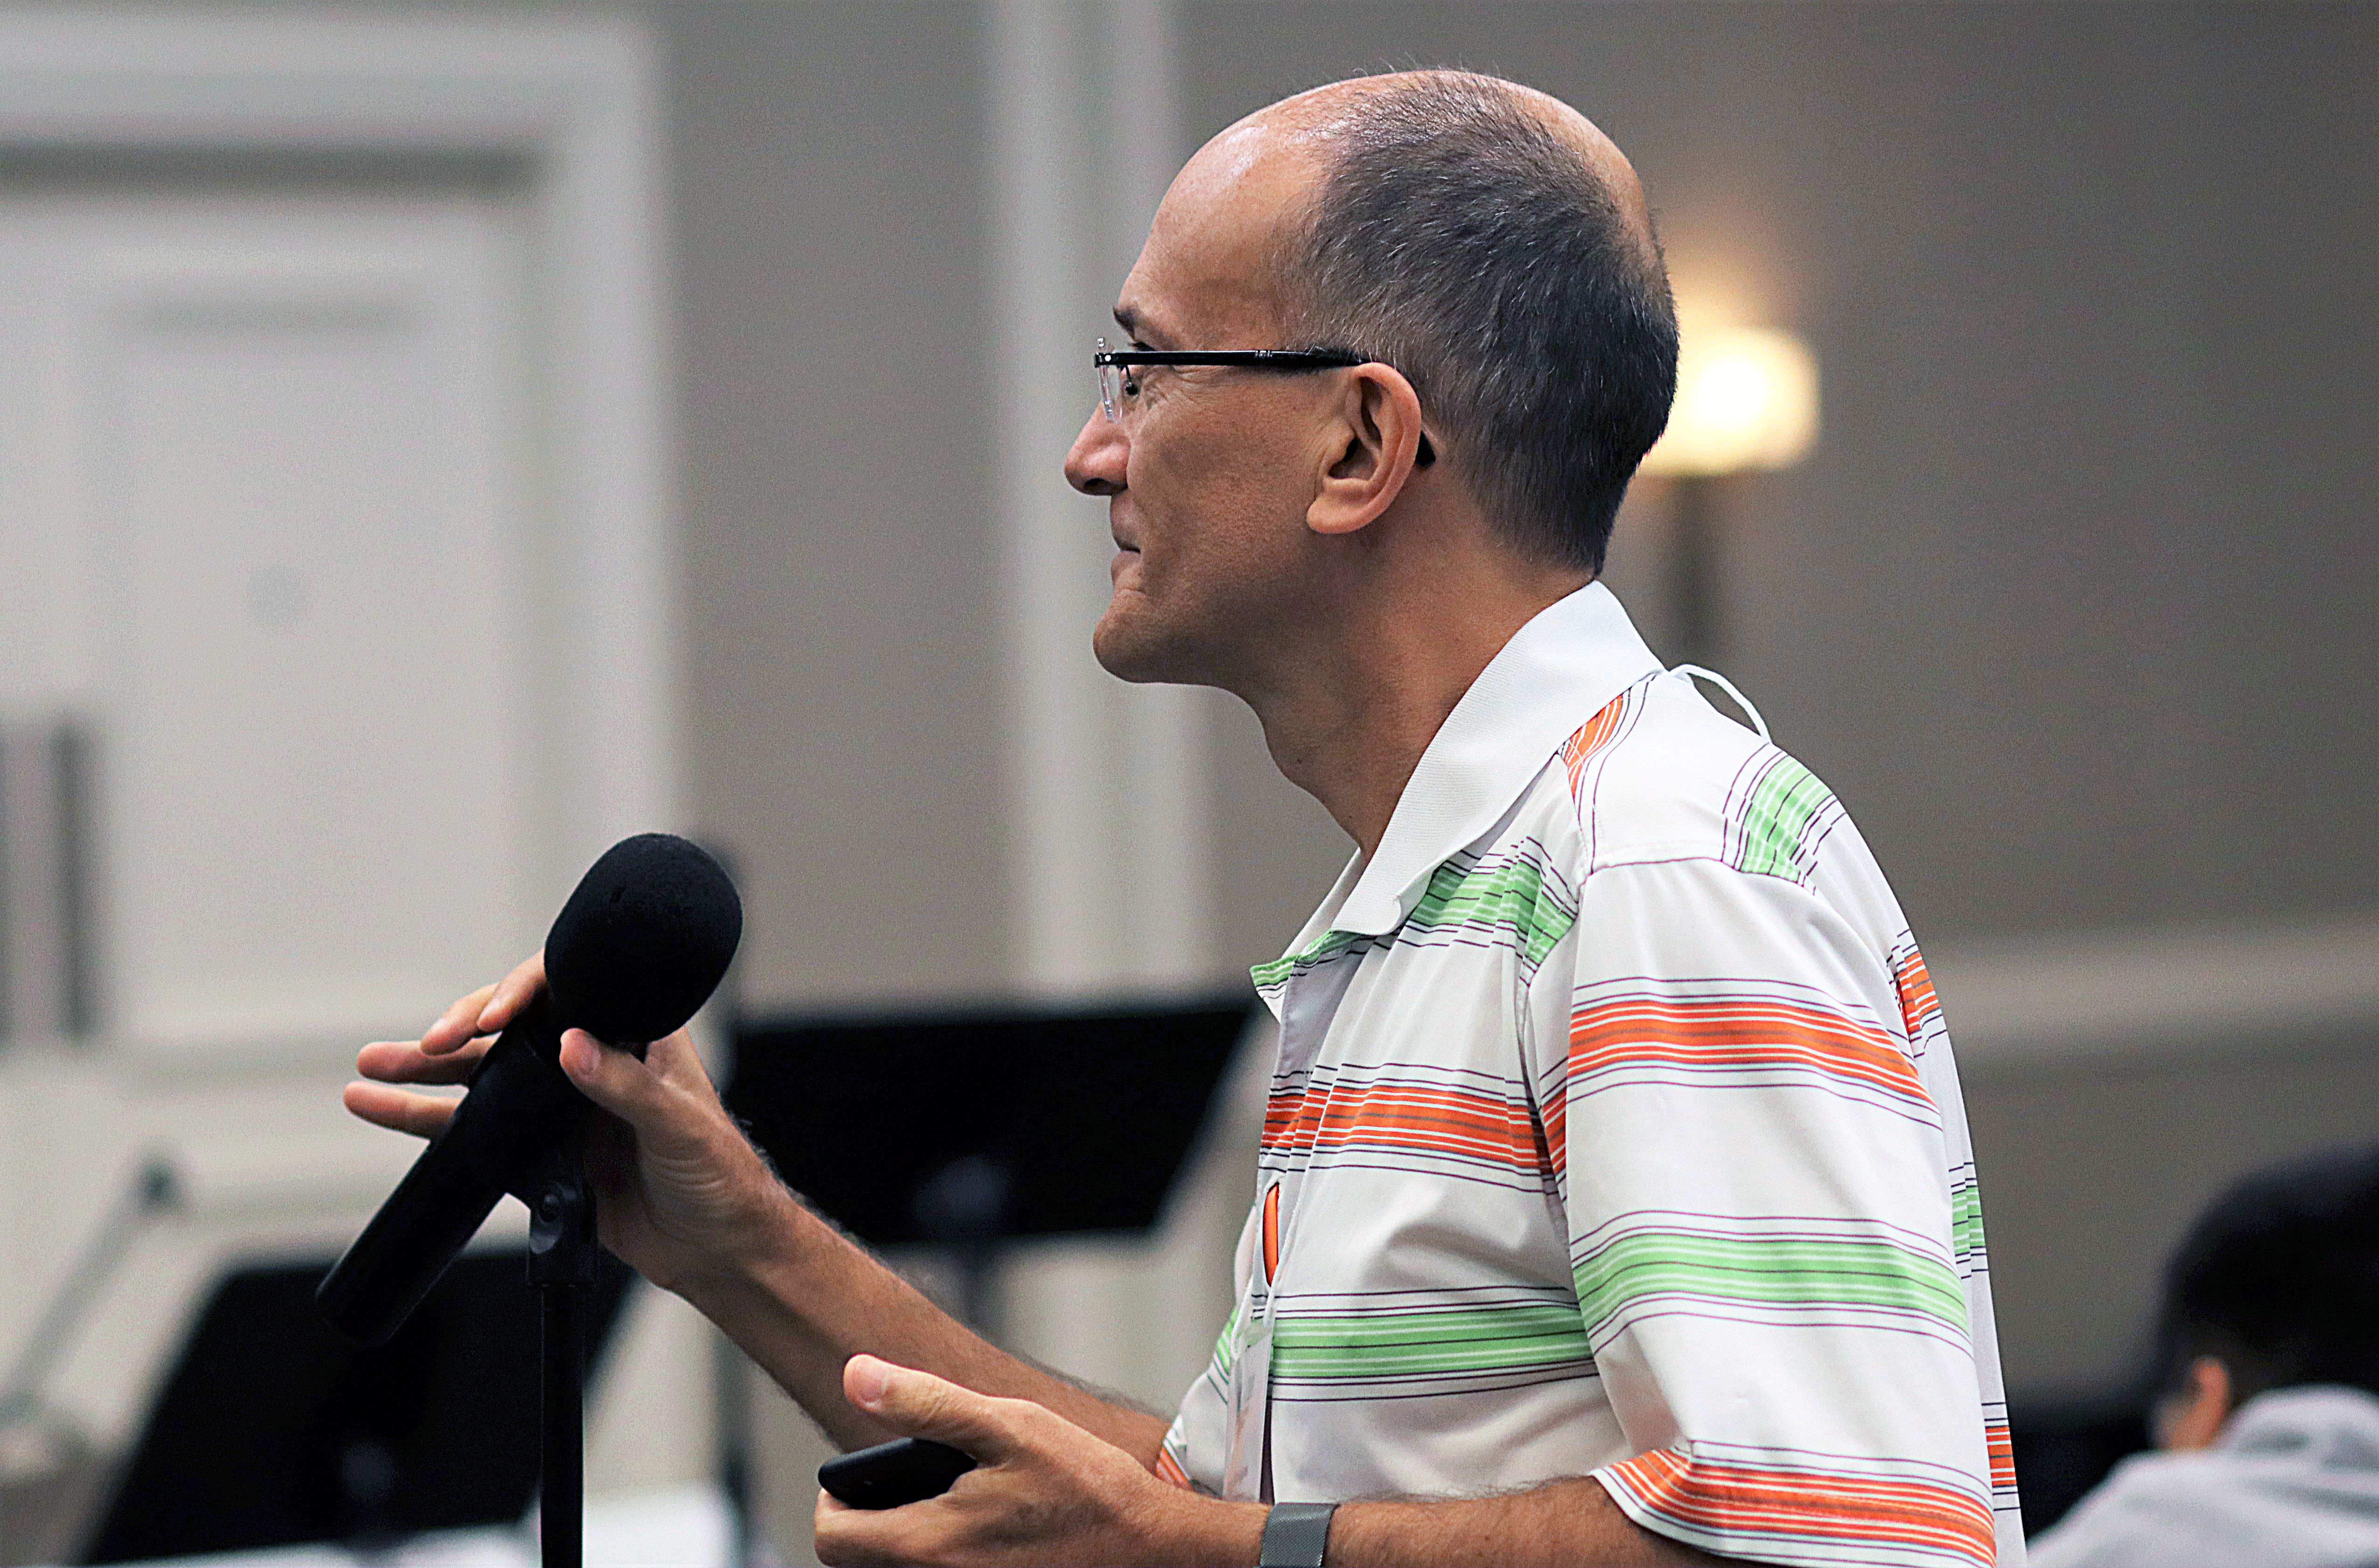 El Rev. Jorge Domingues, Director Ejecutivo de Ministerios Conexionales de la Conferencia Anual California-Nevada. Foto Michelle Maldonado, UMCOM.